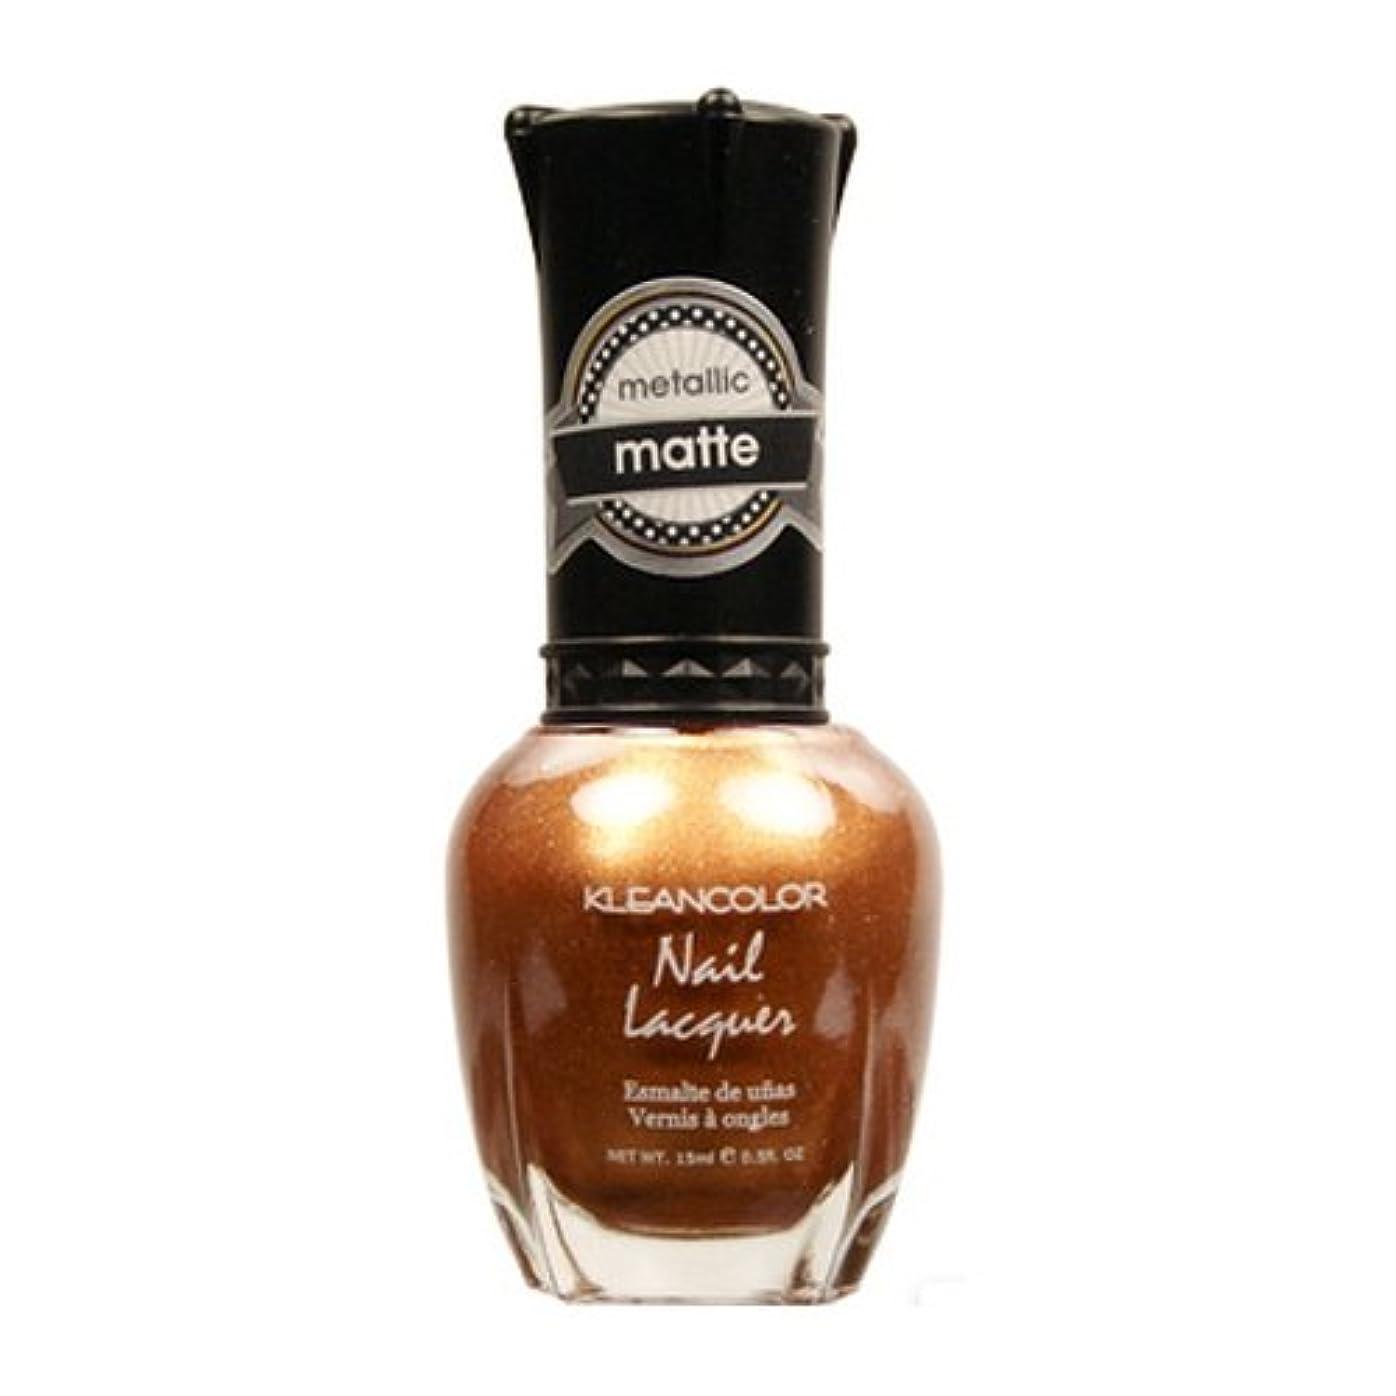 レバー置くためにパック狐(3 Pack) KLEANCOLOR Matte Nail Lacquer - Life in Gold Castle (並行輸入品)